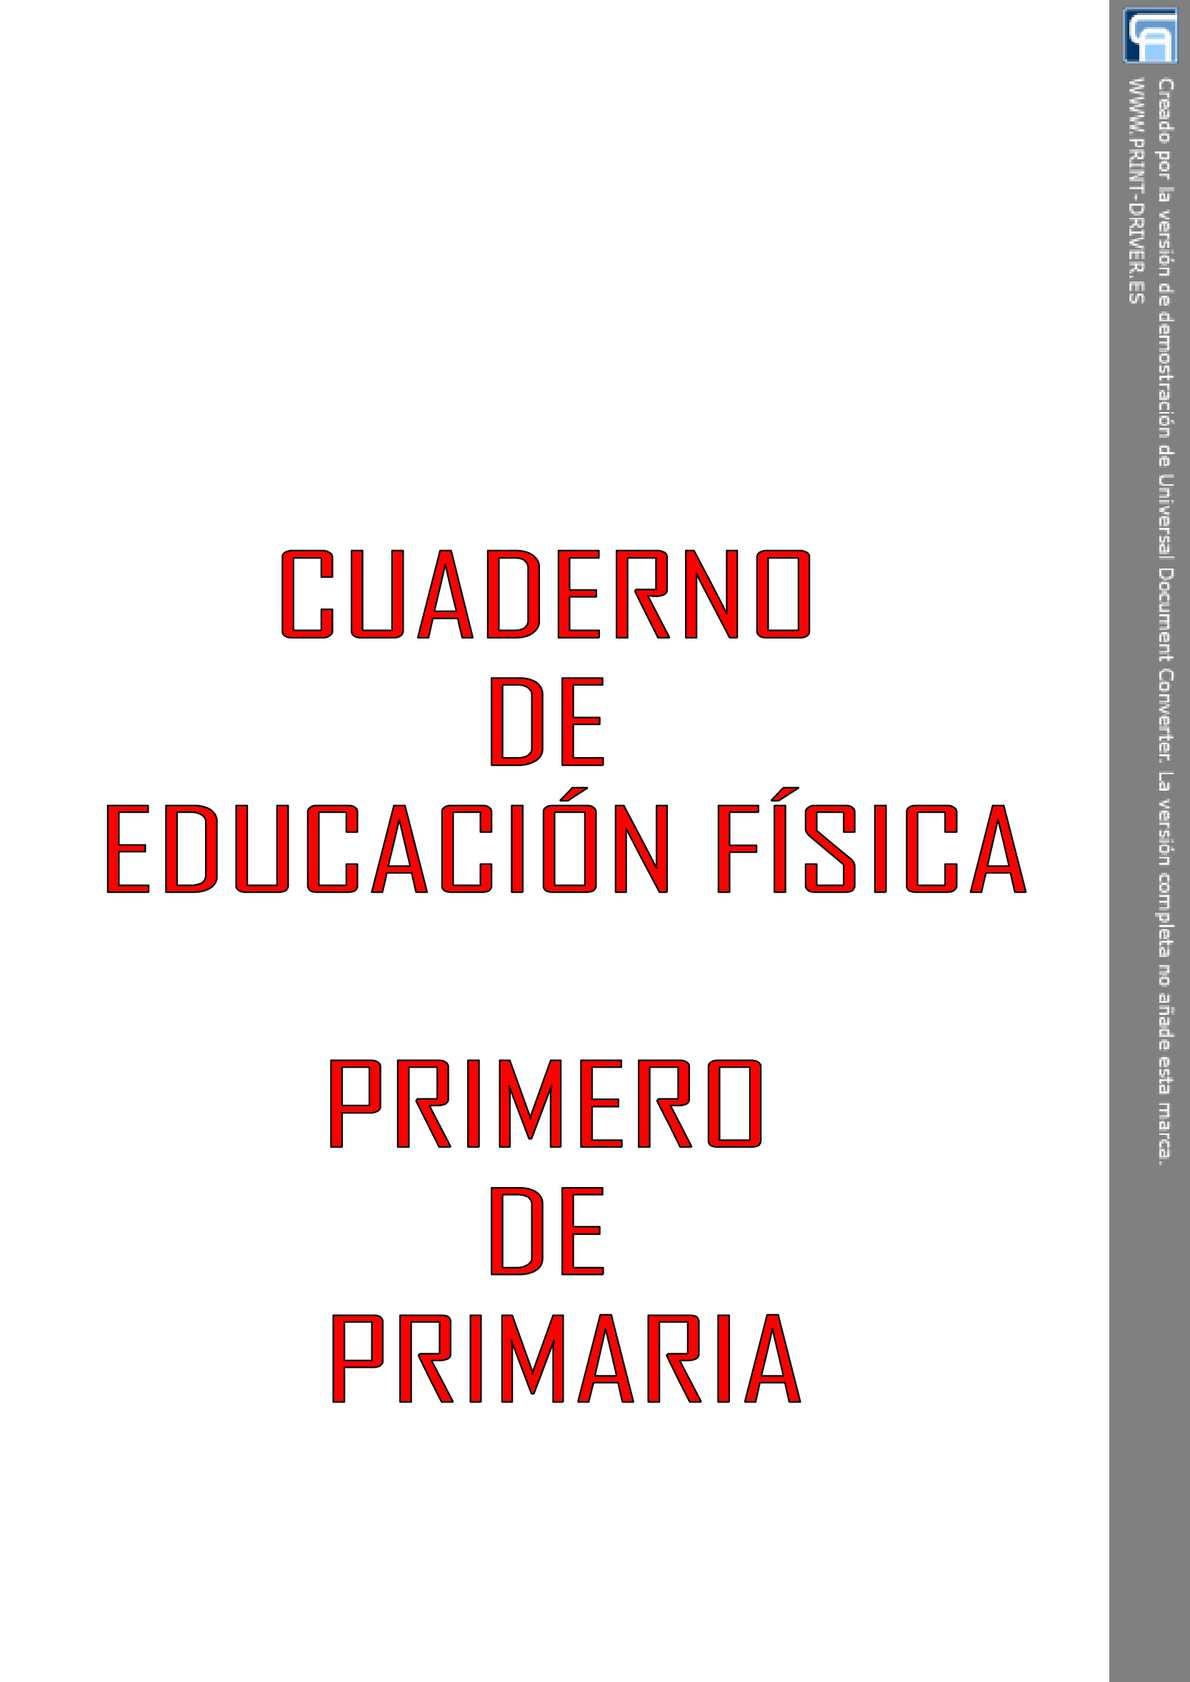 CUADERNO DE EDUCACIÓN FÍSICA DE PRIMERO